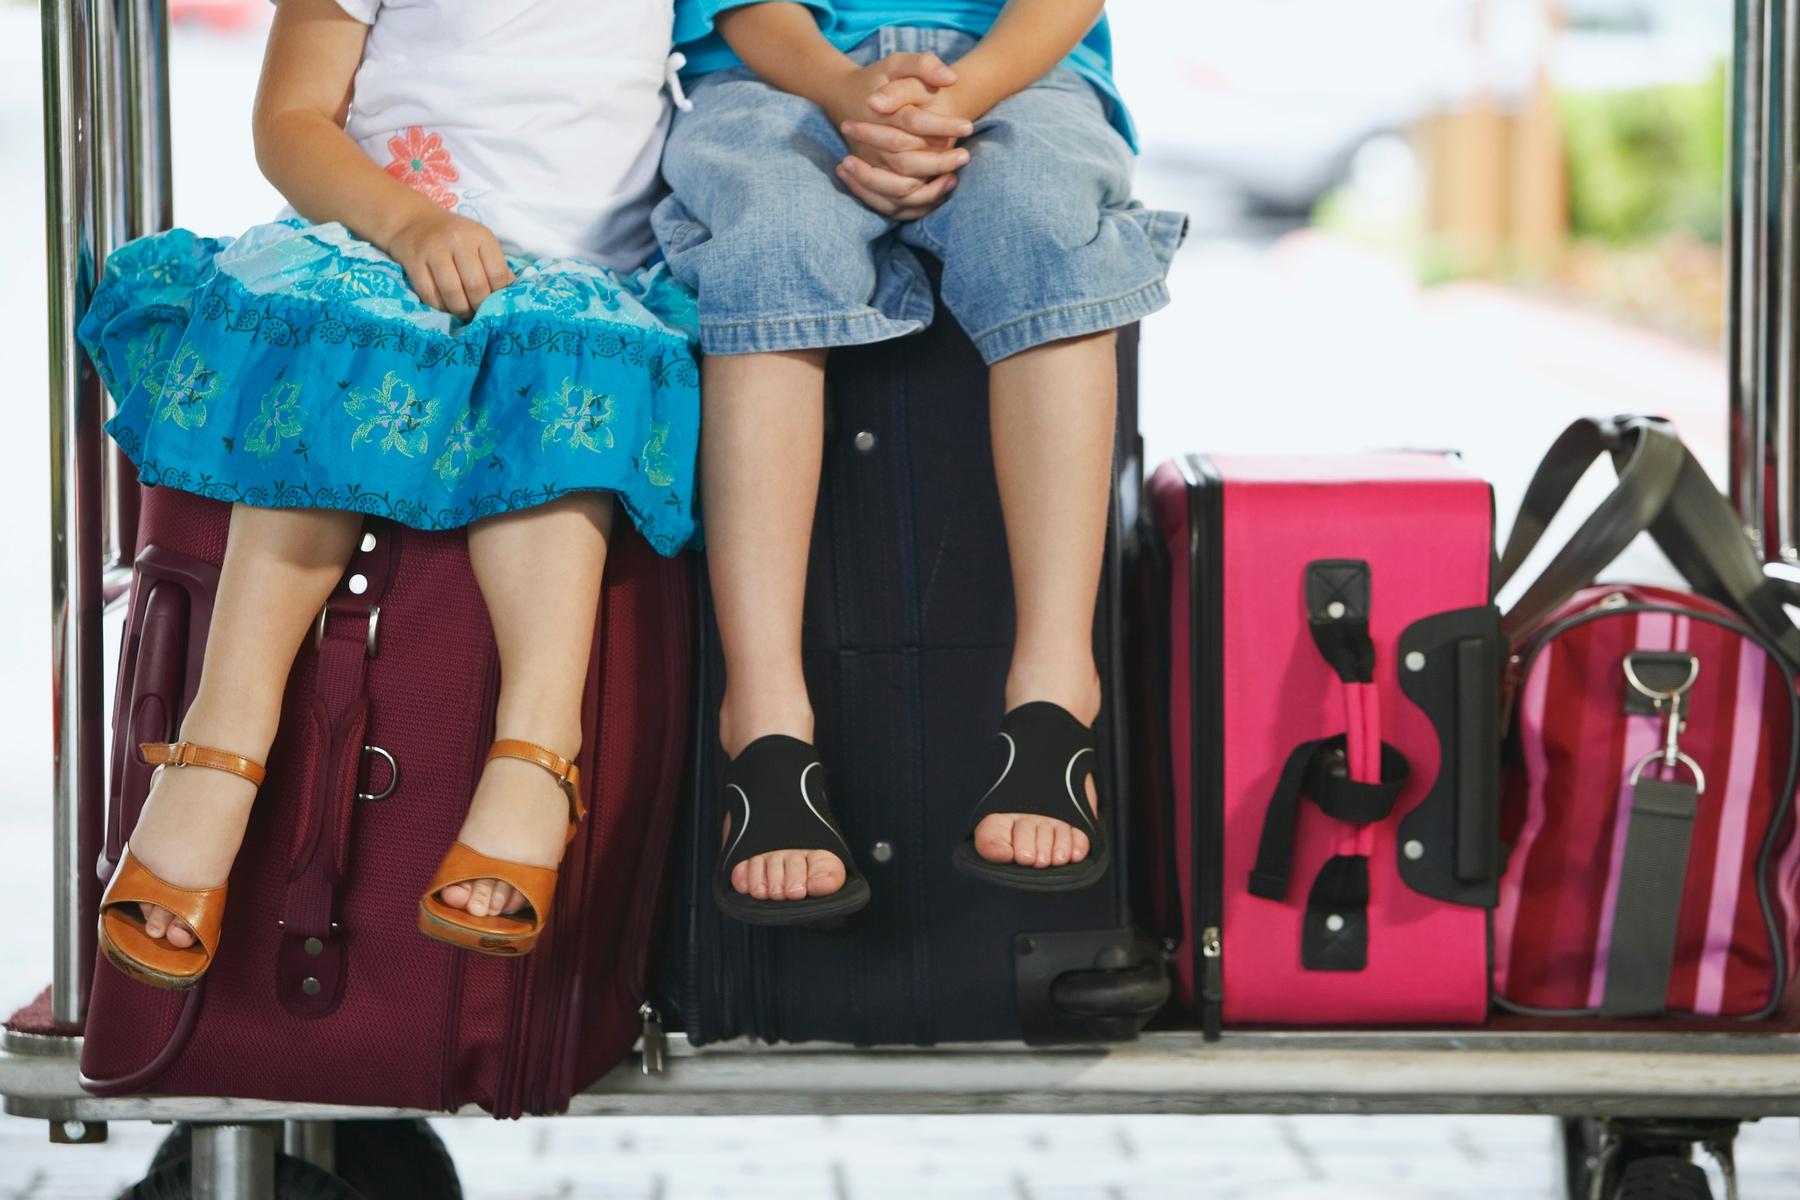 Нормы и правила провоза багажа авиакомпании Аэрофлот